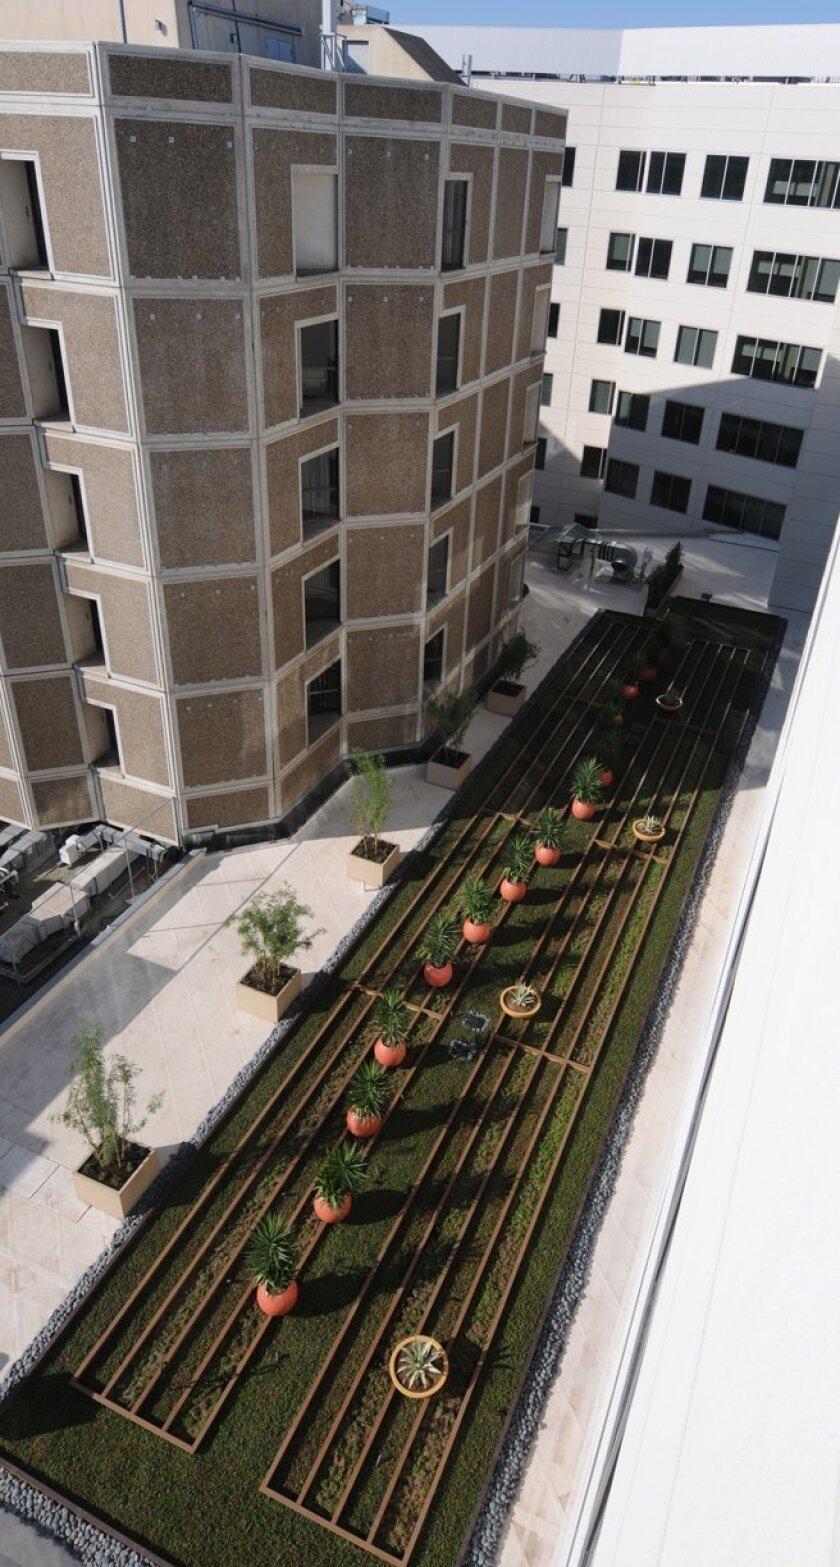 Sharp Memorial's new rooftop garden